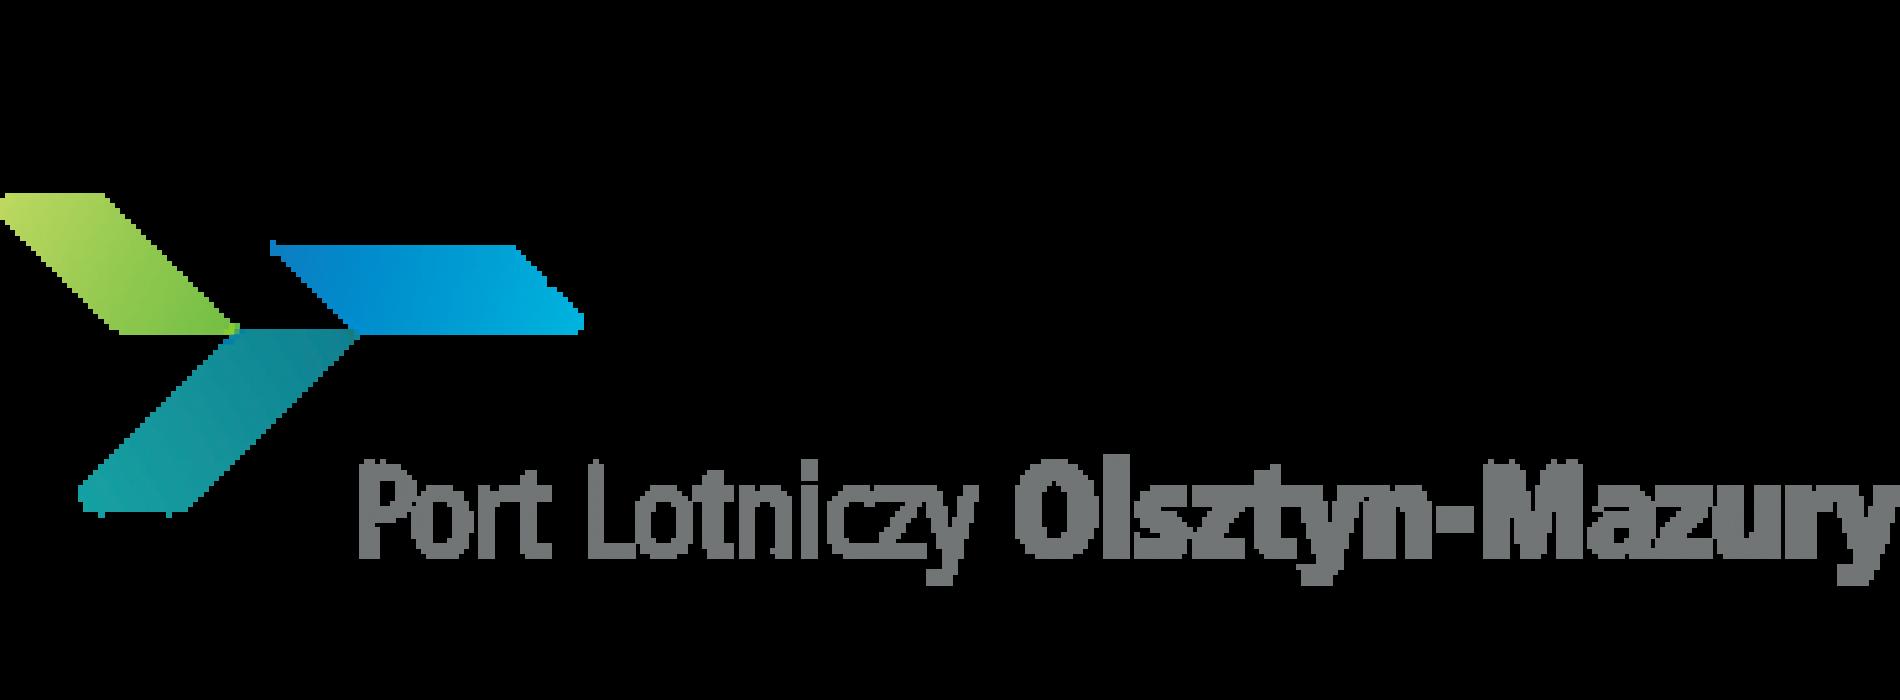 Port lotniczy Olsztyn-Mazury będzie mógł świadczyć usługi meteo